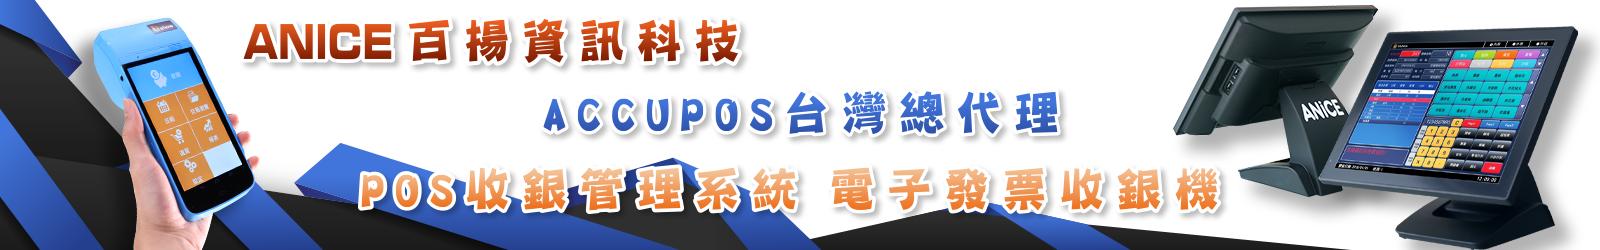 ACCUPOS收銀機、ANICE Pos系統台灣總代理-百揚